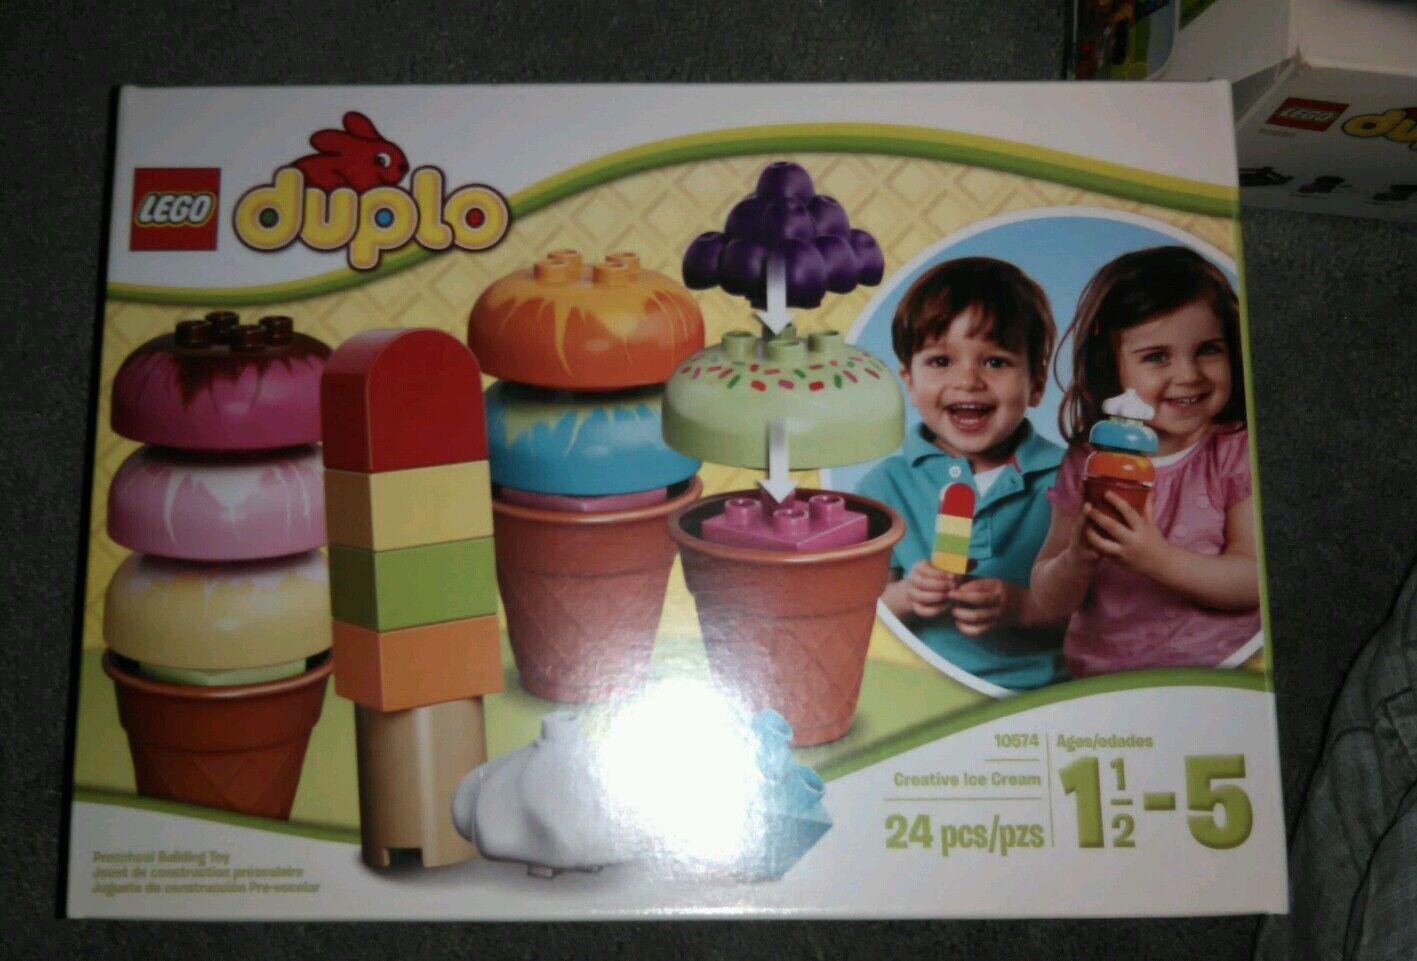 Lego Duplo ice ice ice cream set 45330d